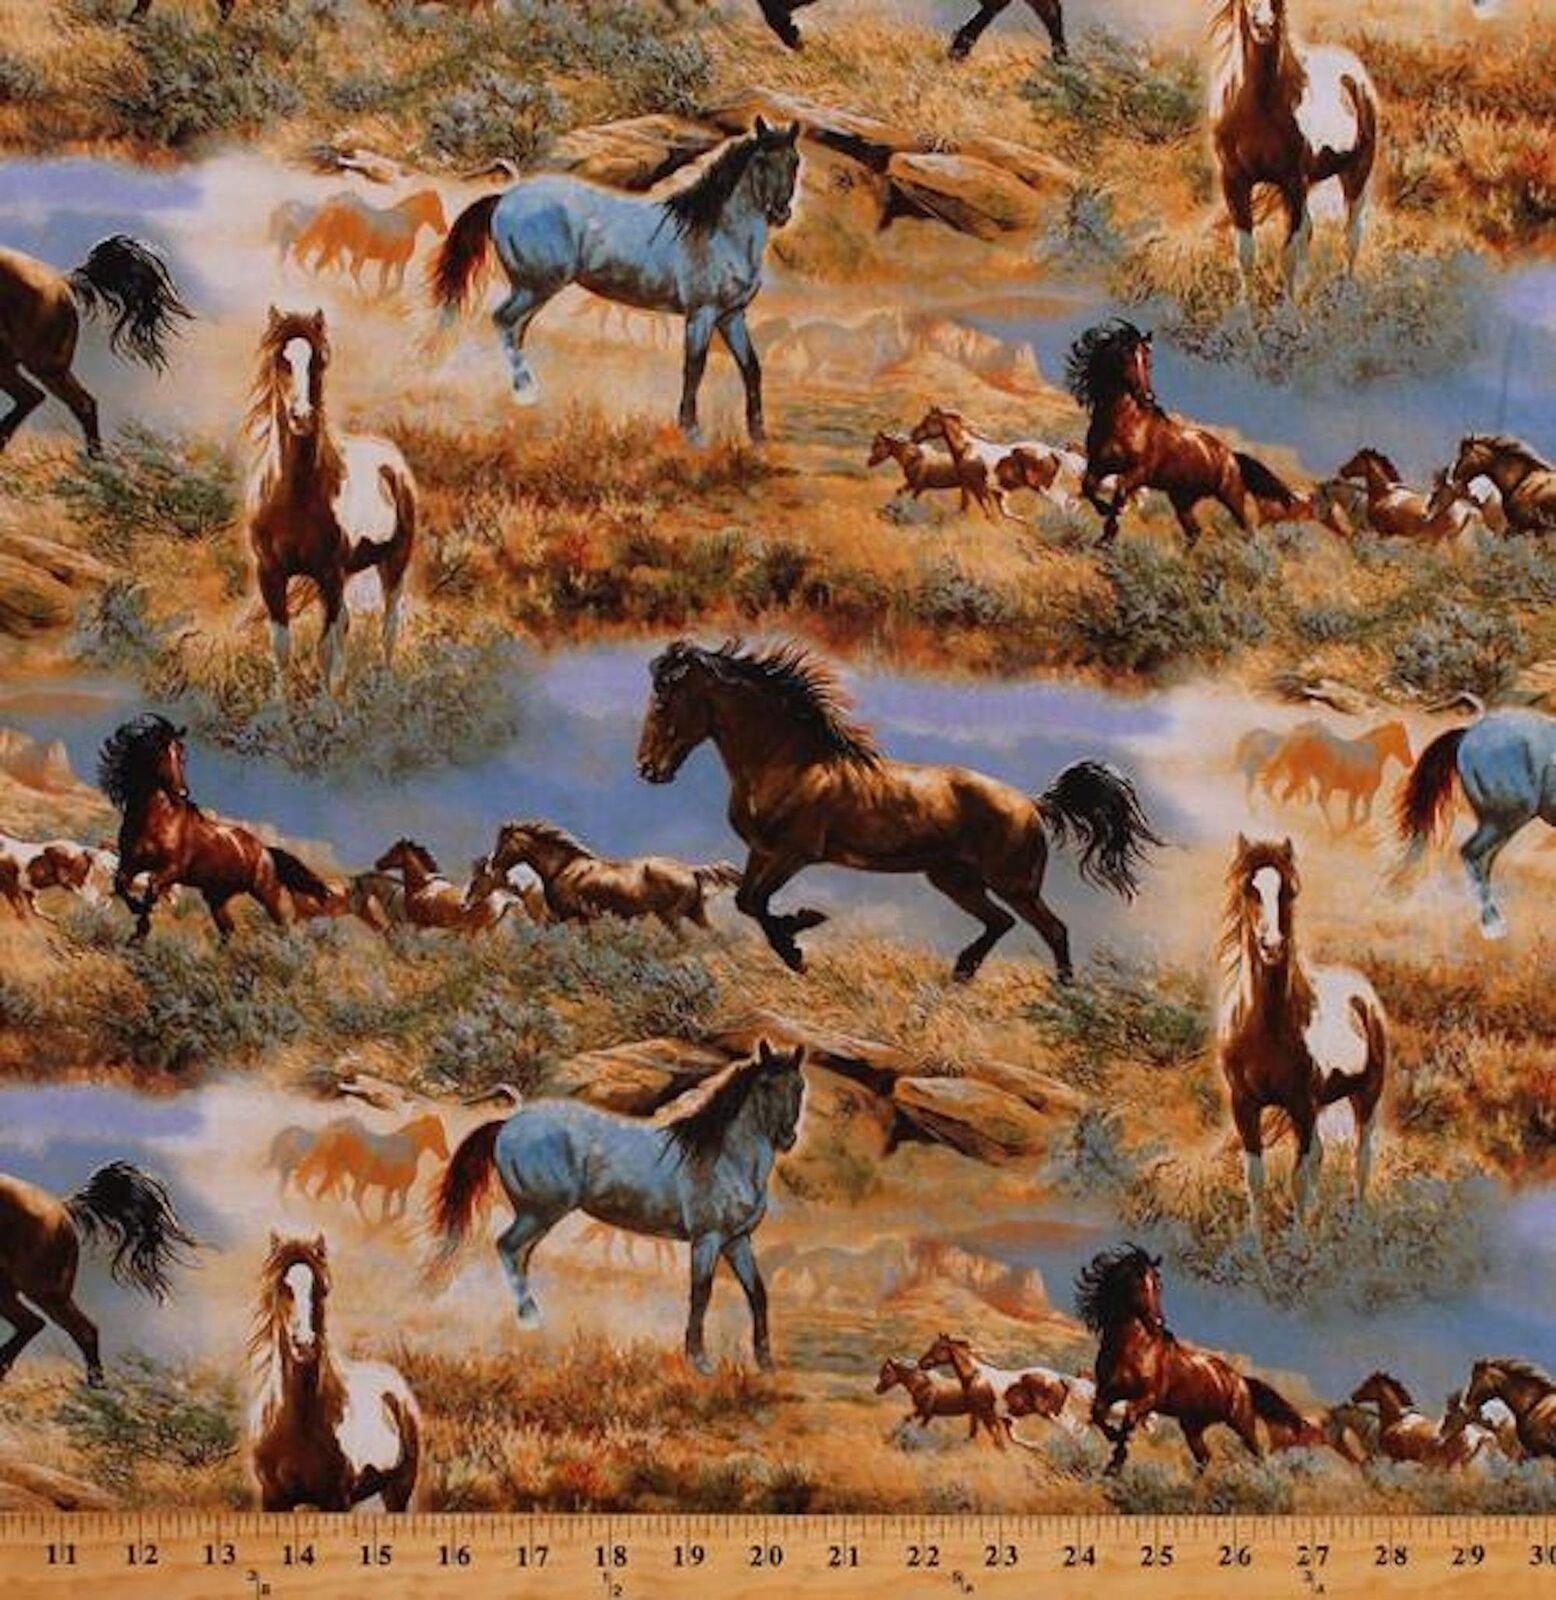 Horses in the Prairies DT-3060-6C-1